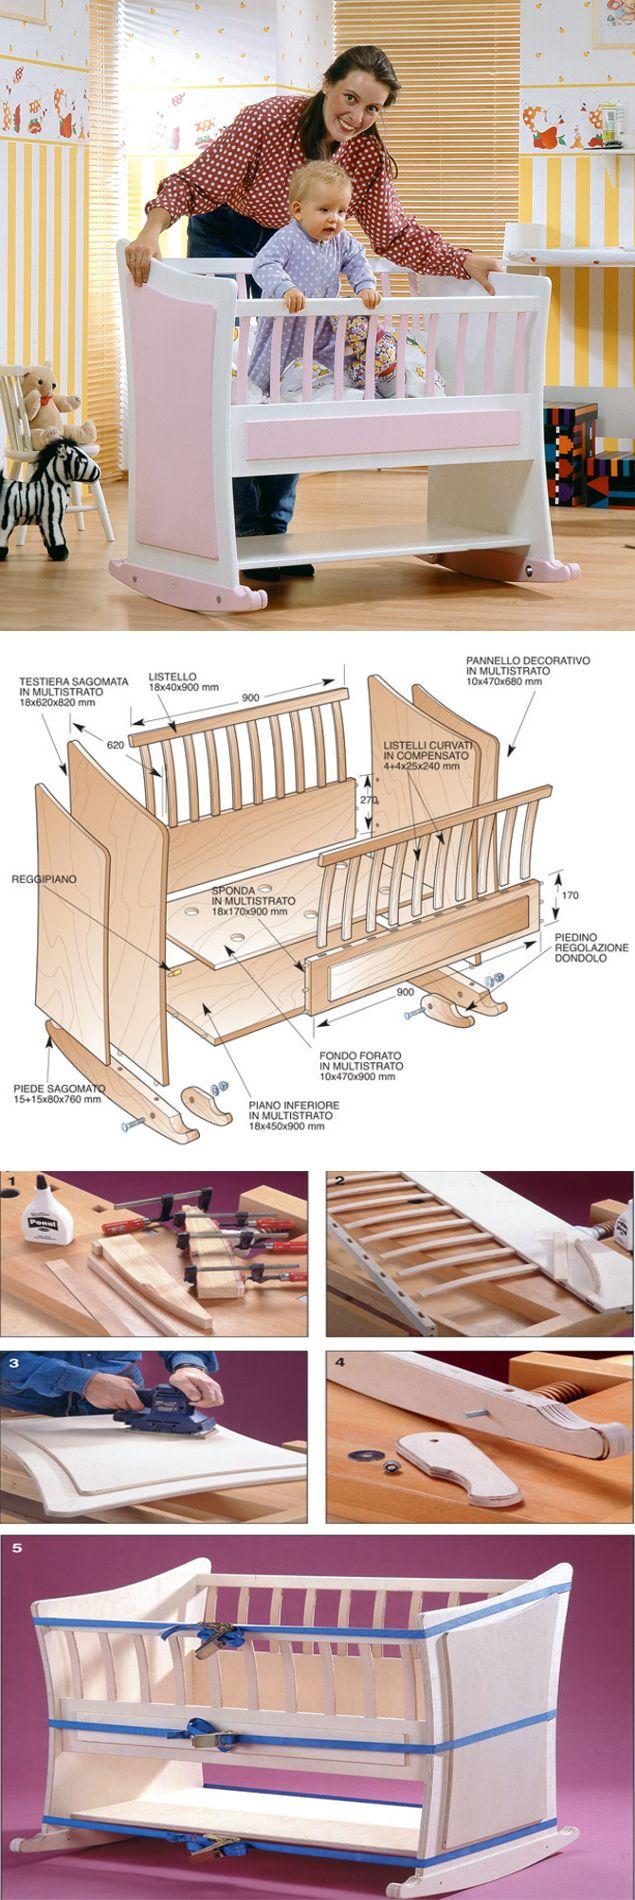 Costruire Una Culla A Dondolo.Tutorial Diy Faidate Per Costruire Una Culla Per I Nostri